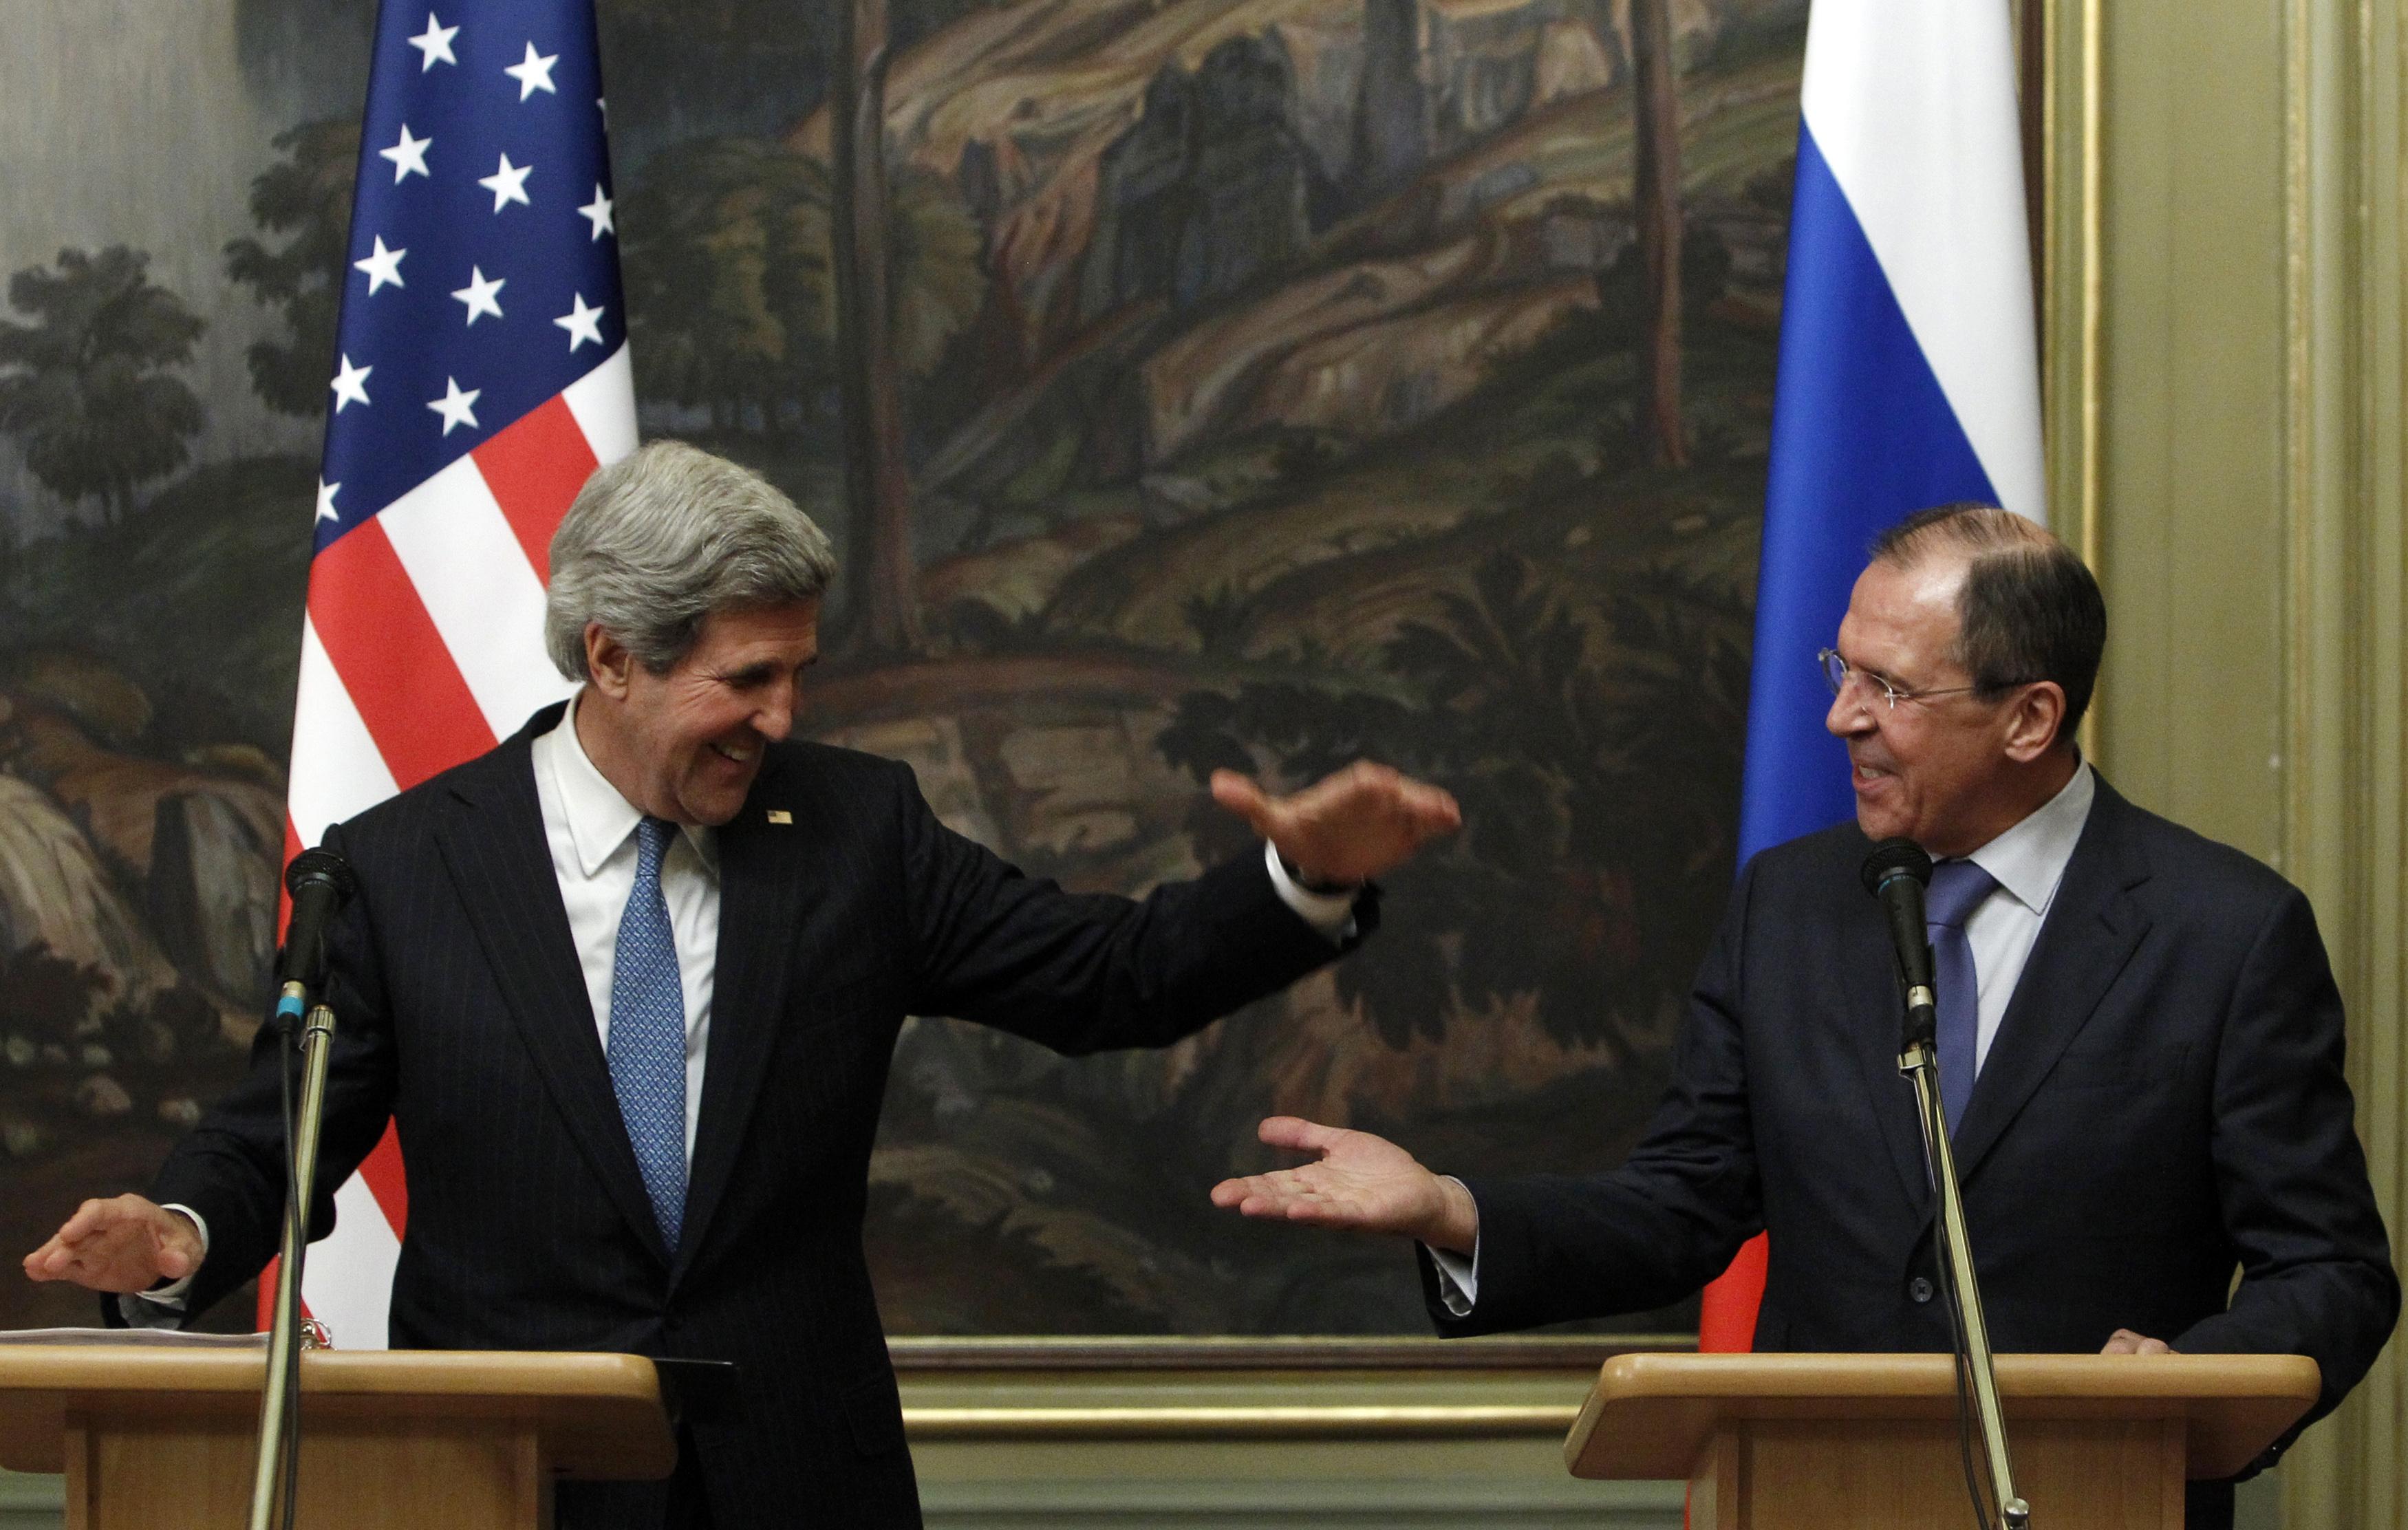 خطة أمريكية روسية بشأن سوريا.. والأسد يهاجم السعودية وتركيا